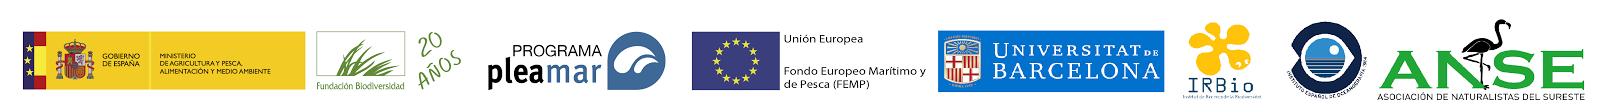 Acciones gratuitas cofinanciadas por el Fondo Europeo de Pesca